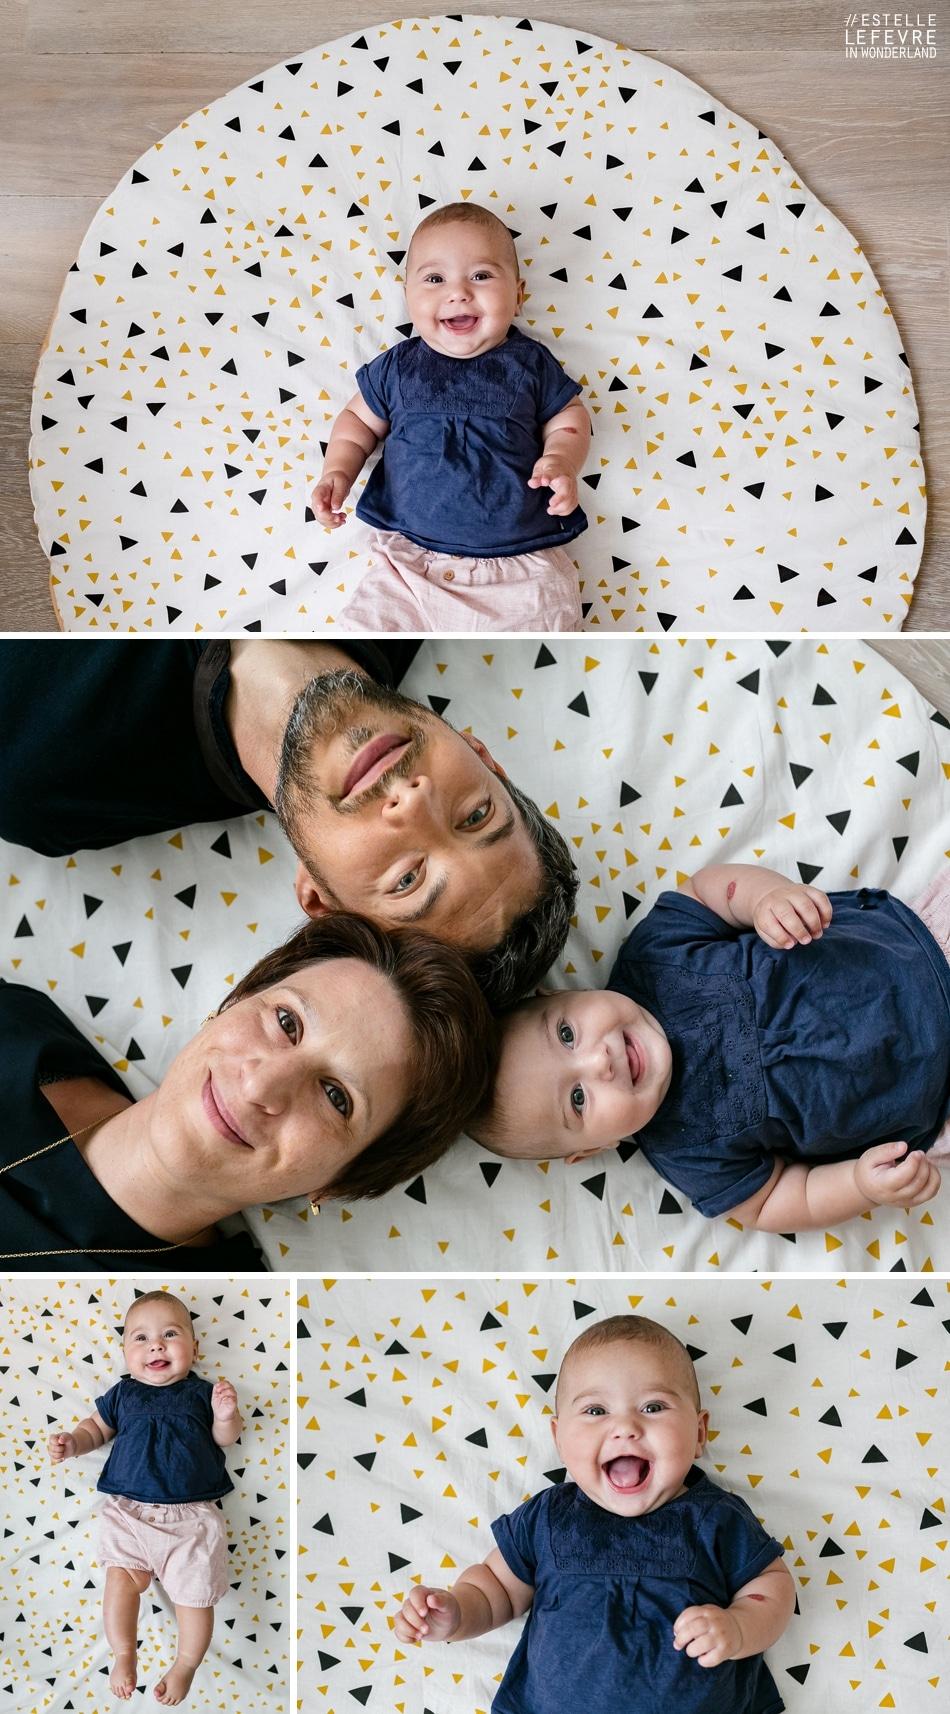 séance photo en famille à domicile photographe a Bois Colombes